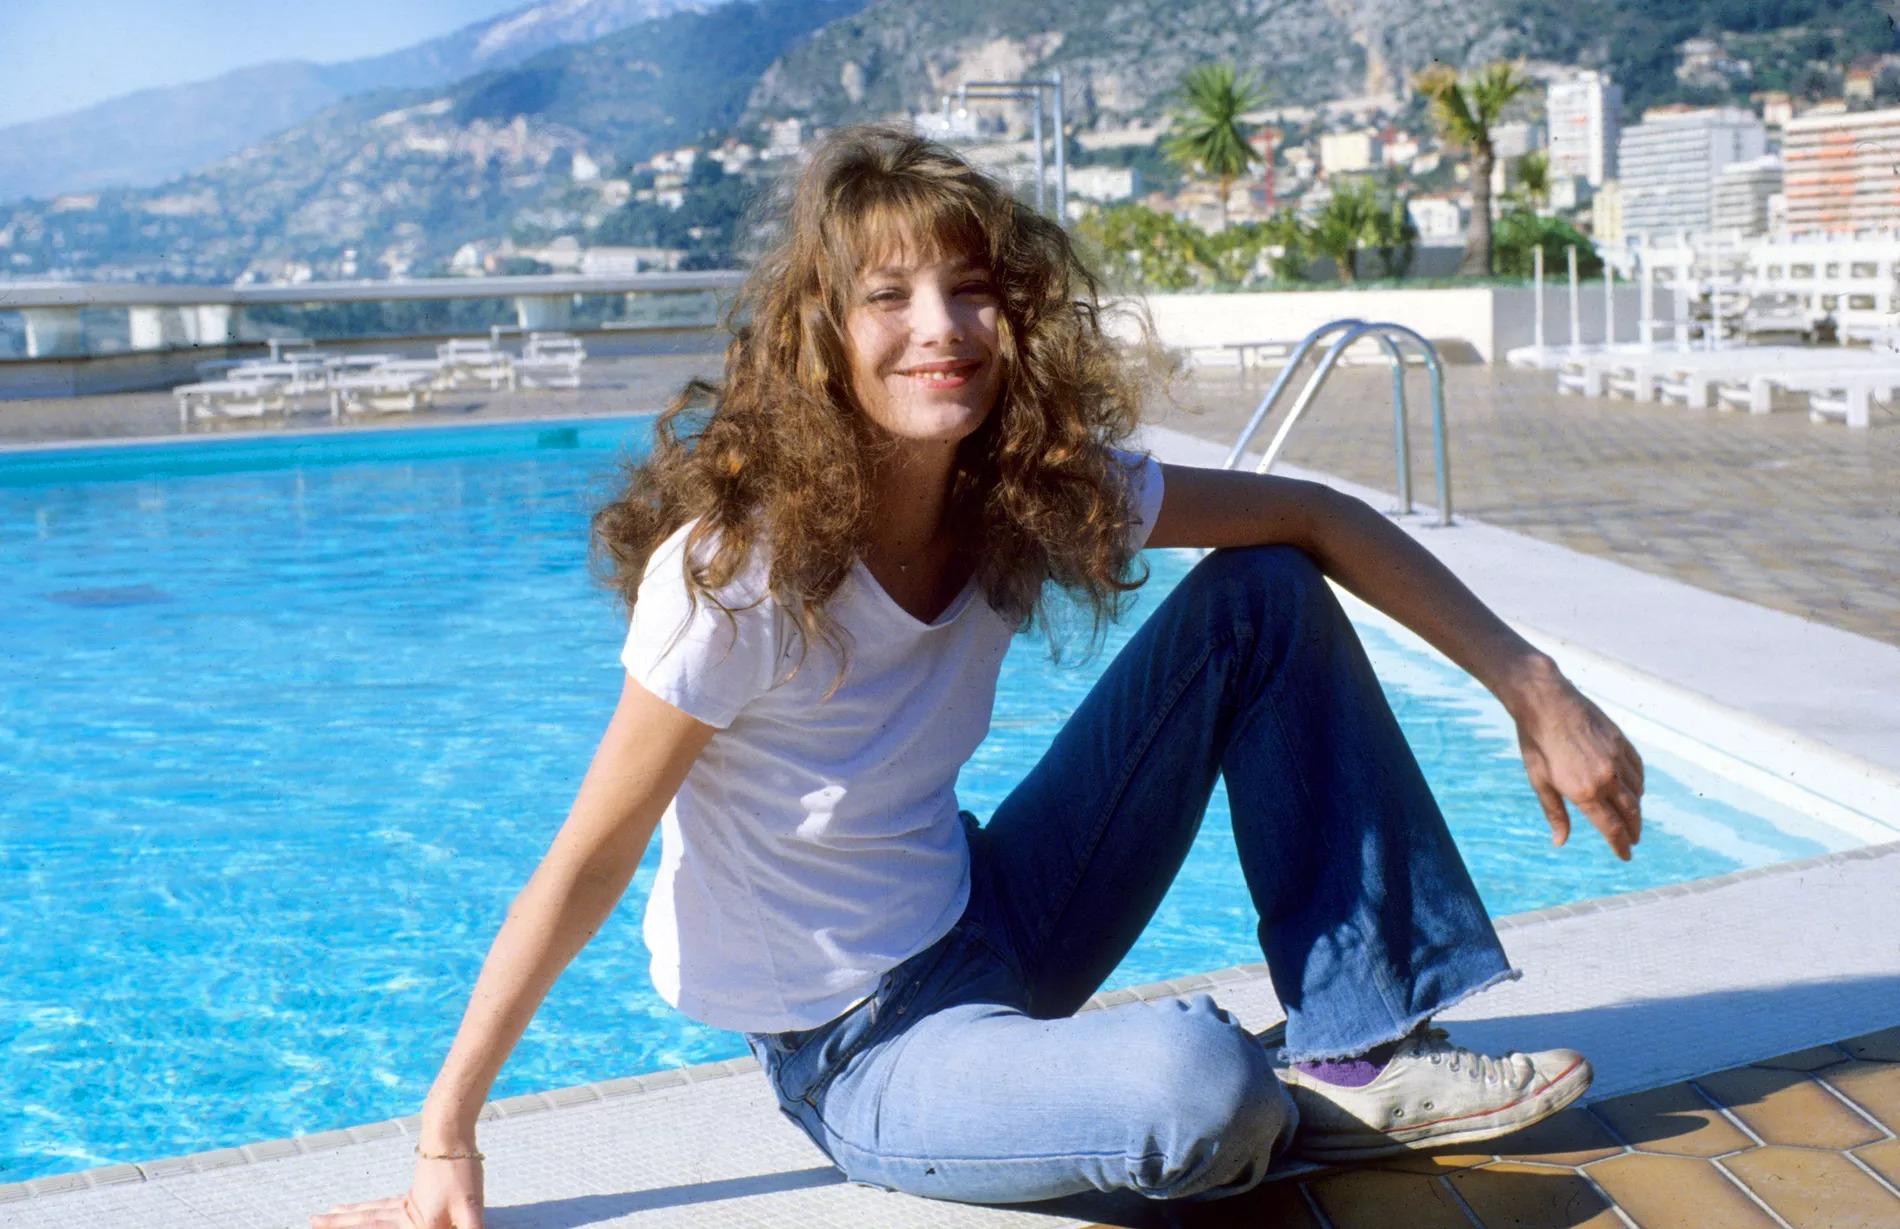 Thời trang Hè - Jane Birkin mặc áo thun quần jeans ống loe